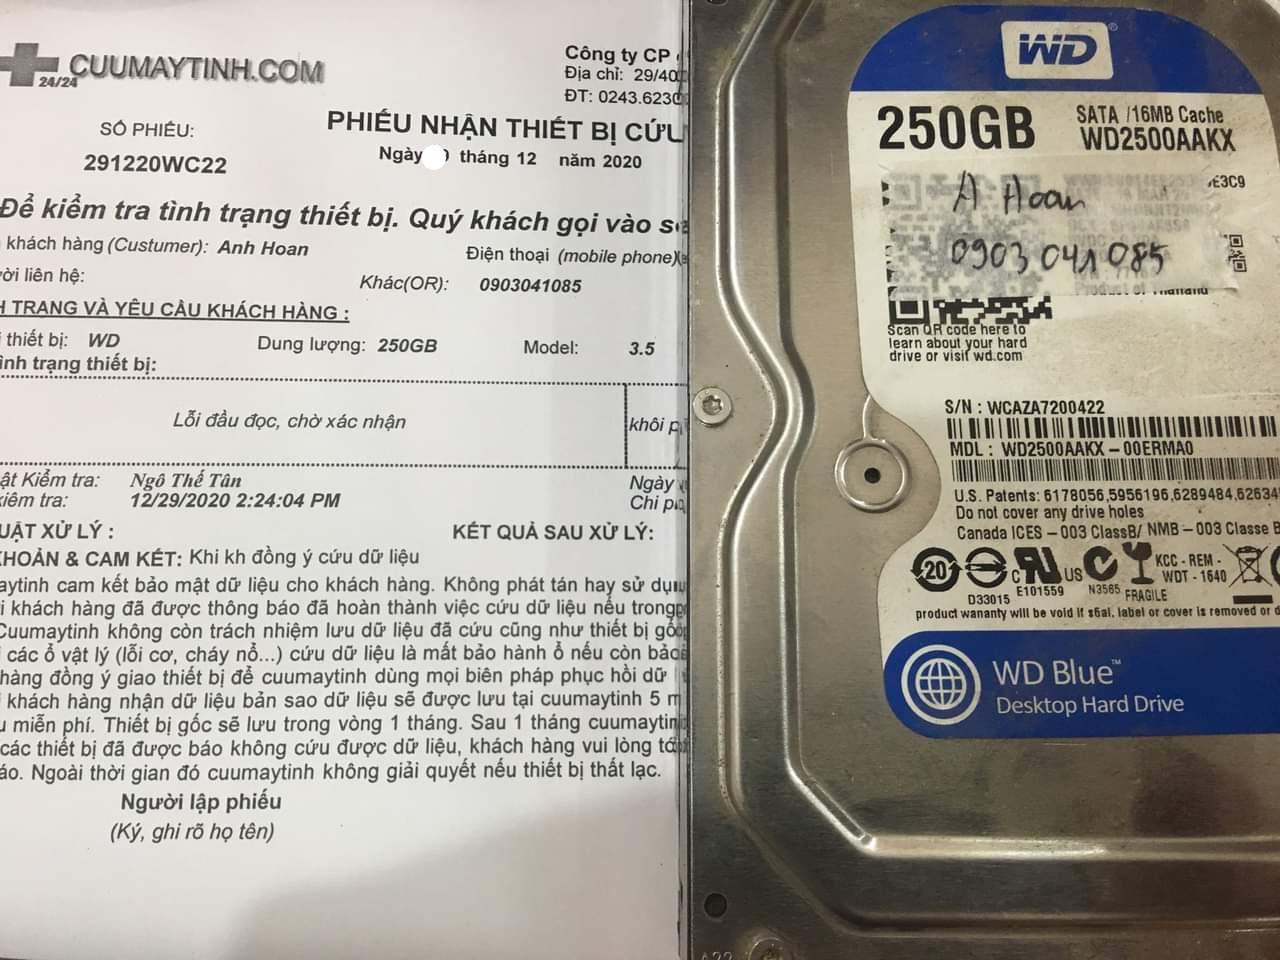 Cứu dữ liệu ổ cứng Western 250GB lỗi đầu đọc - 31/12/2020 - cuumaytinh